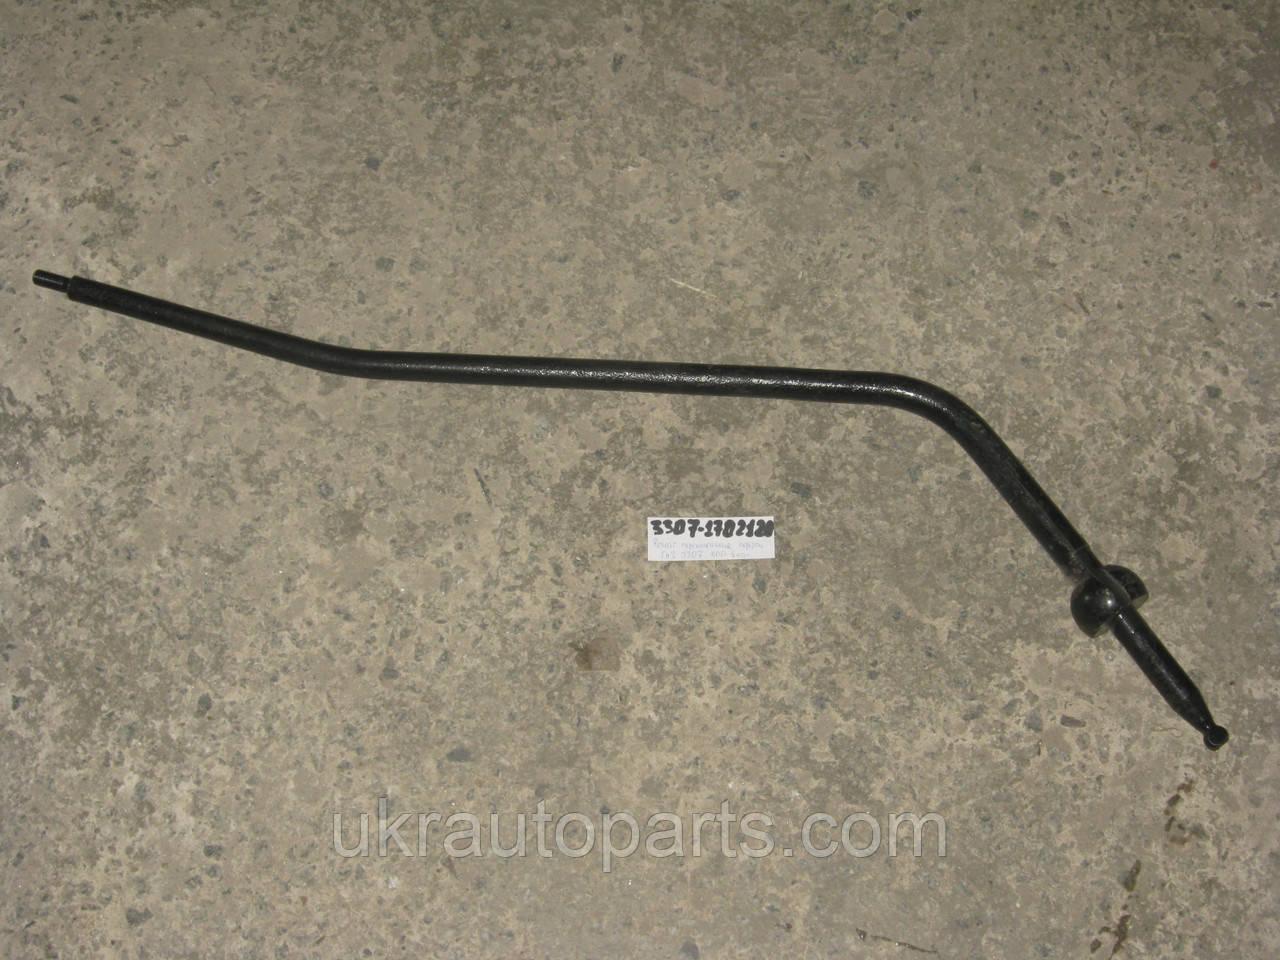 Рычаг переключения передач КПП ГАЗ 3307 (4-х ступенчатая коробка) (кулиса) (3307-1702120)